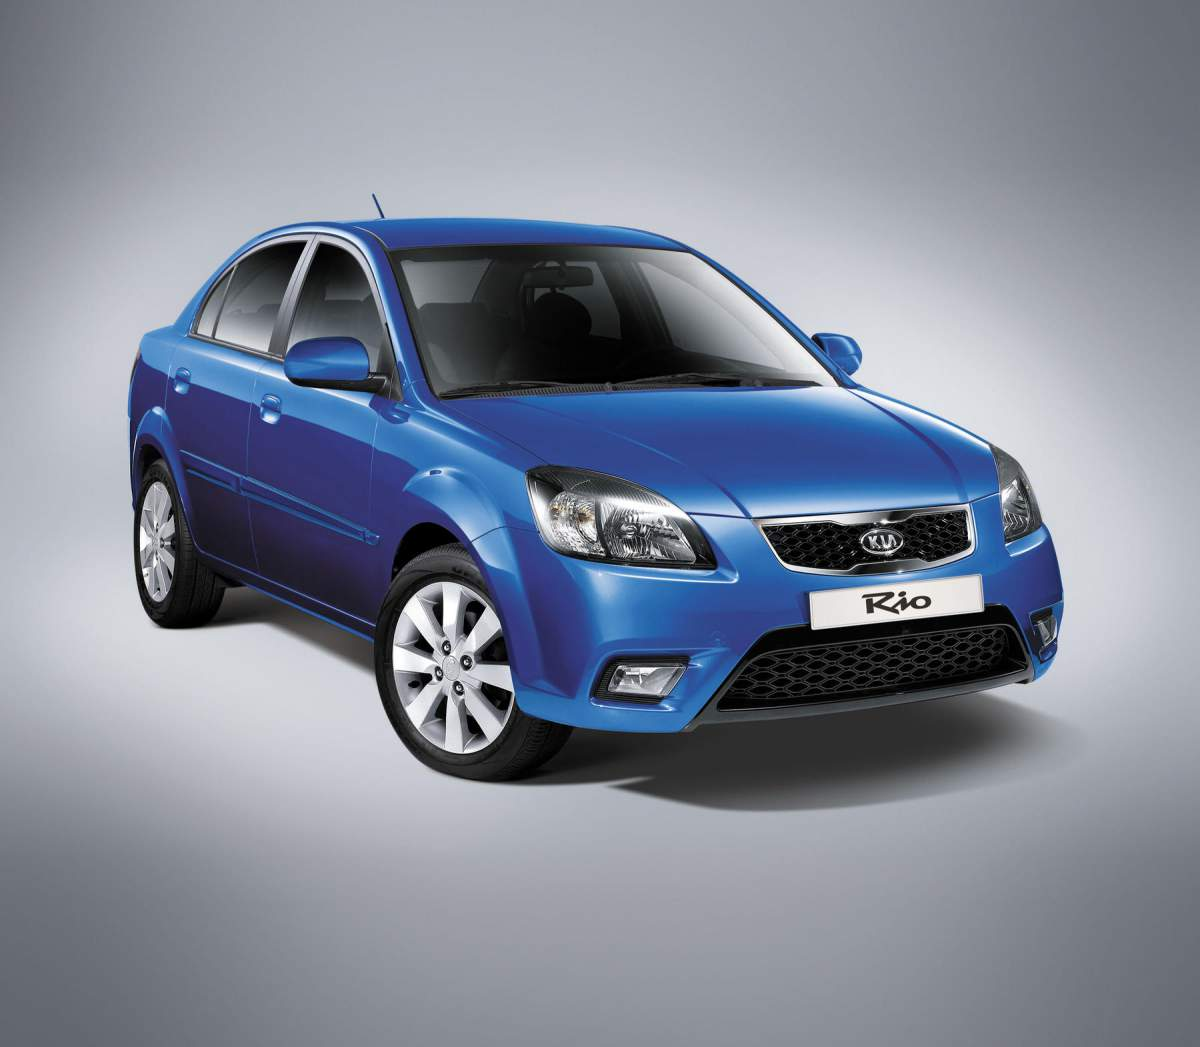 kia-rio-ii-sedan-3.jpg